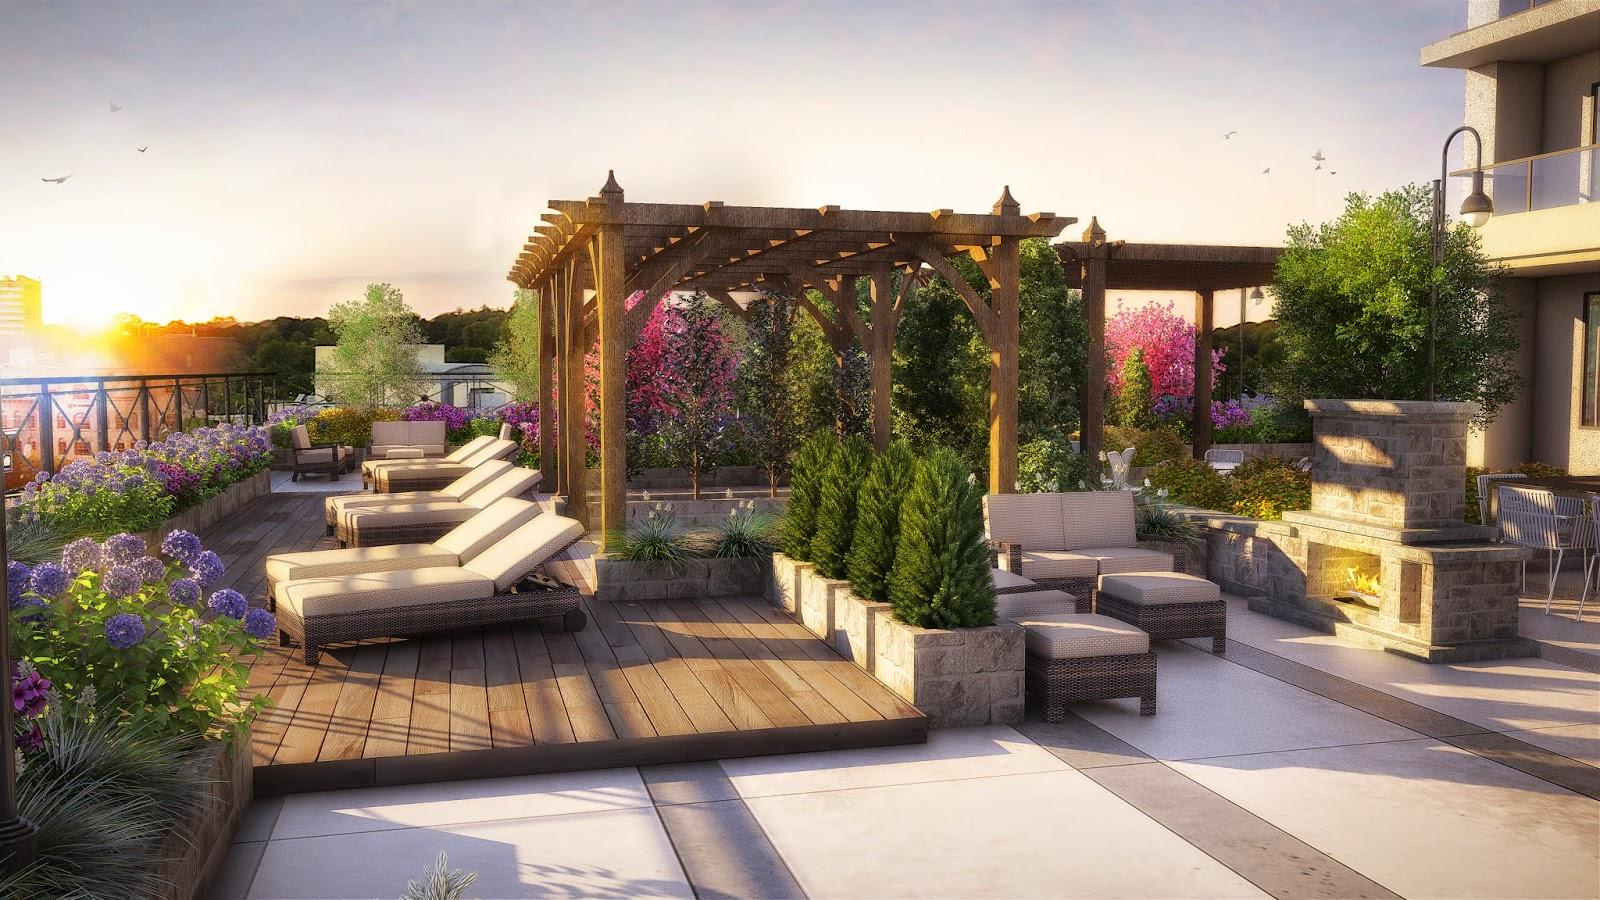 Gtp tarragona reforma la terraza for Fotos jardines exteriores